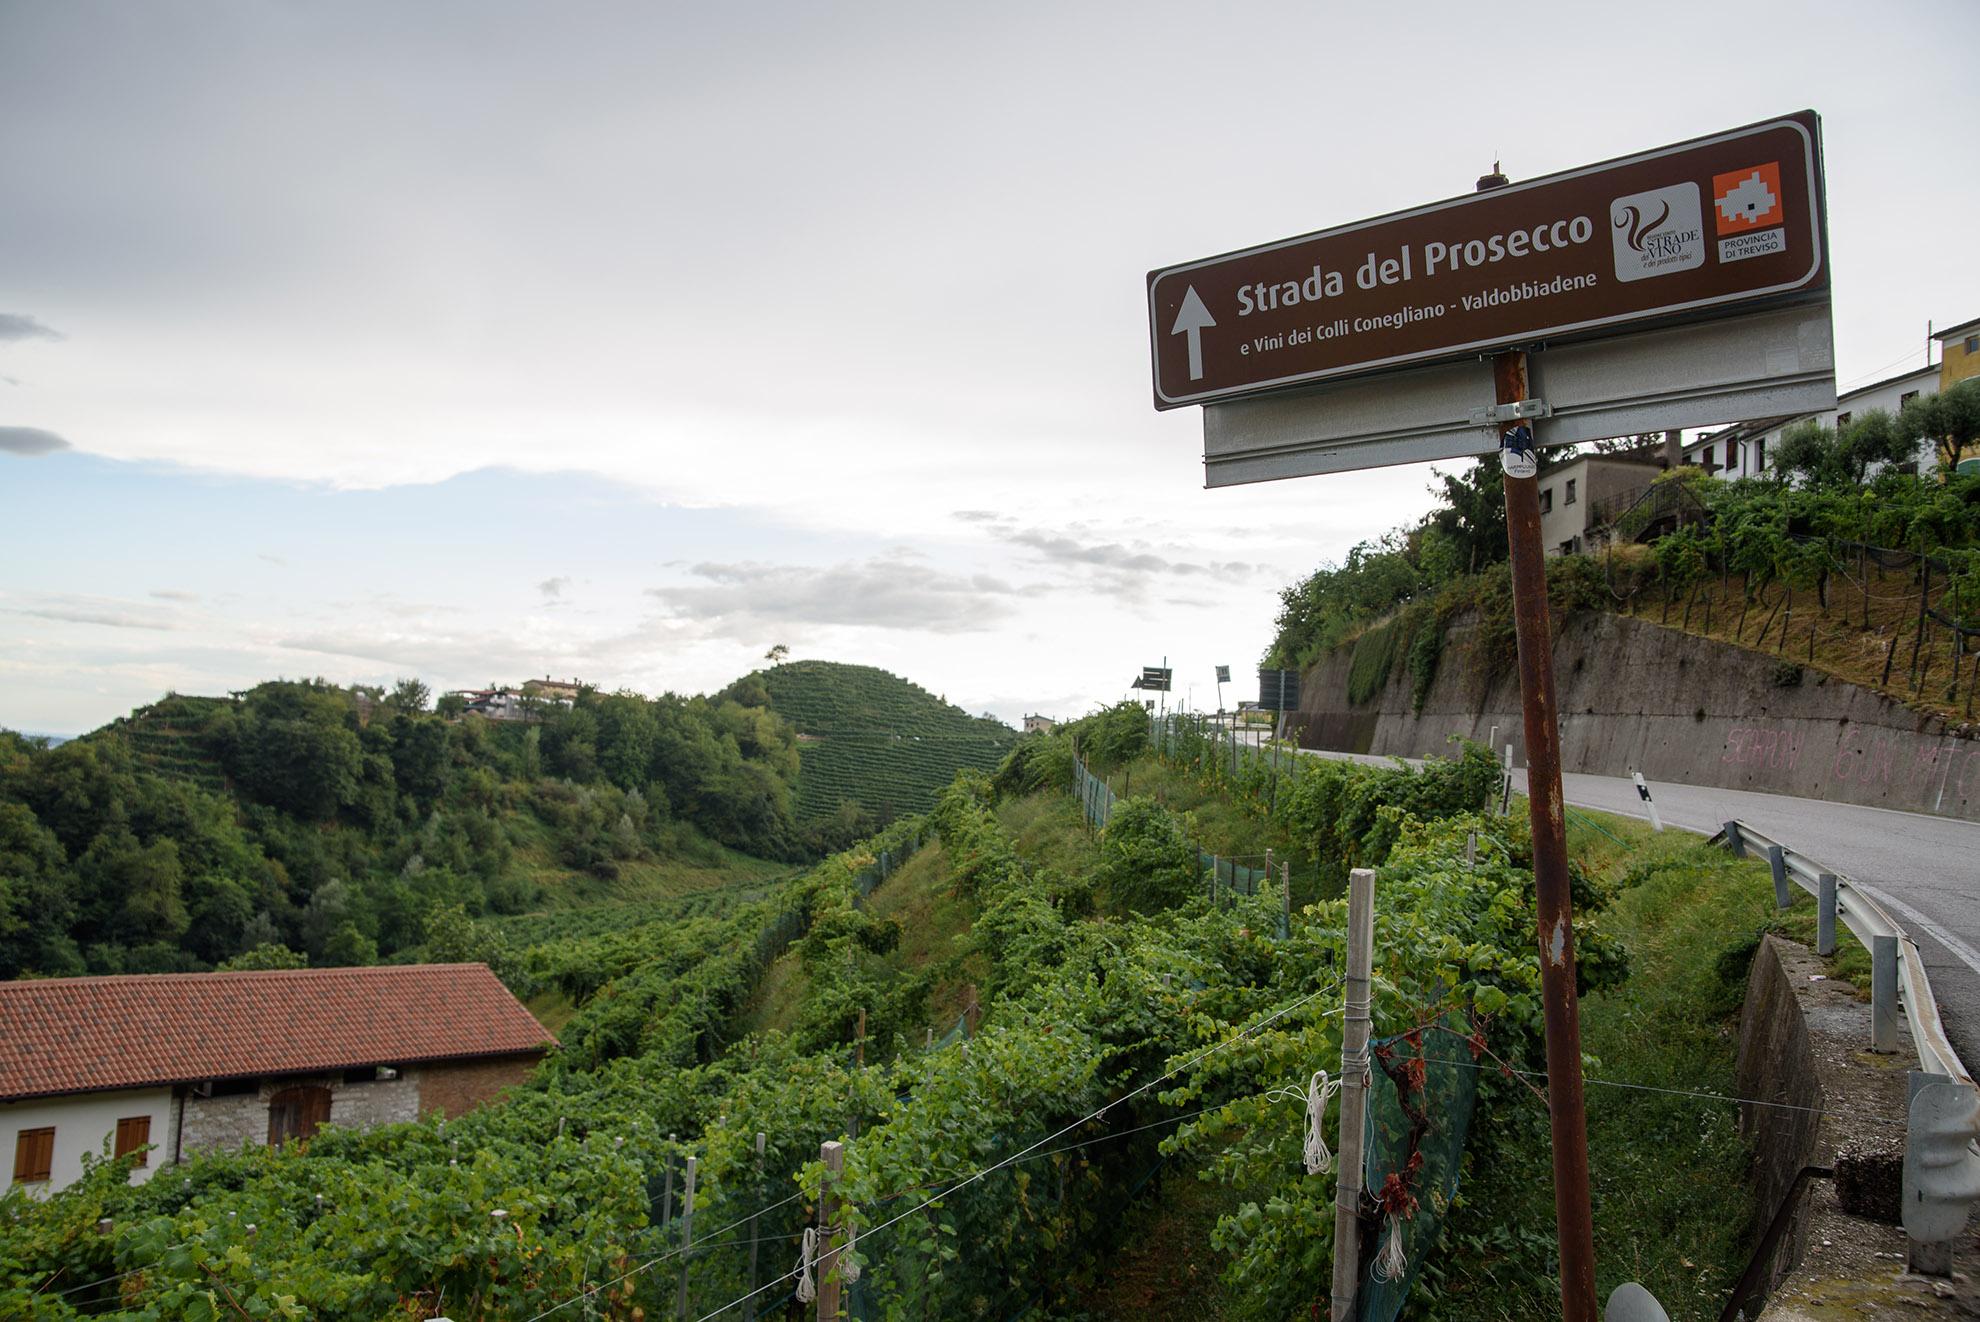 Strada Dei Prosecco